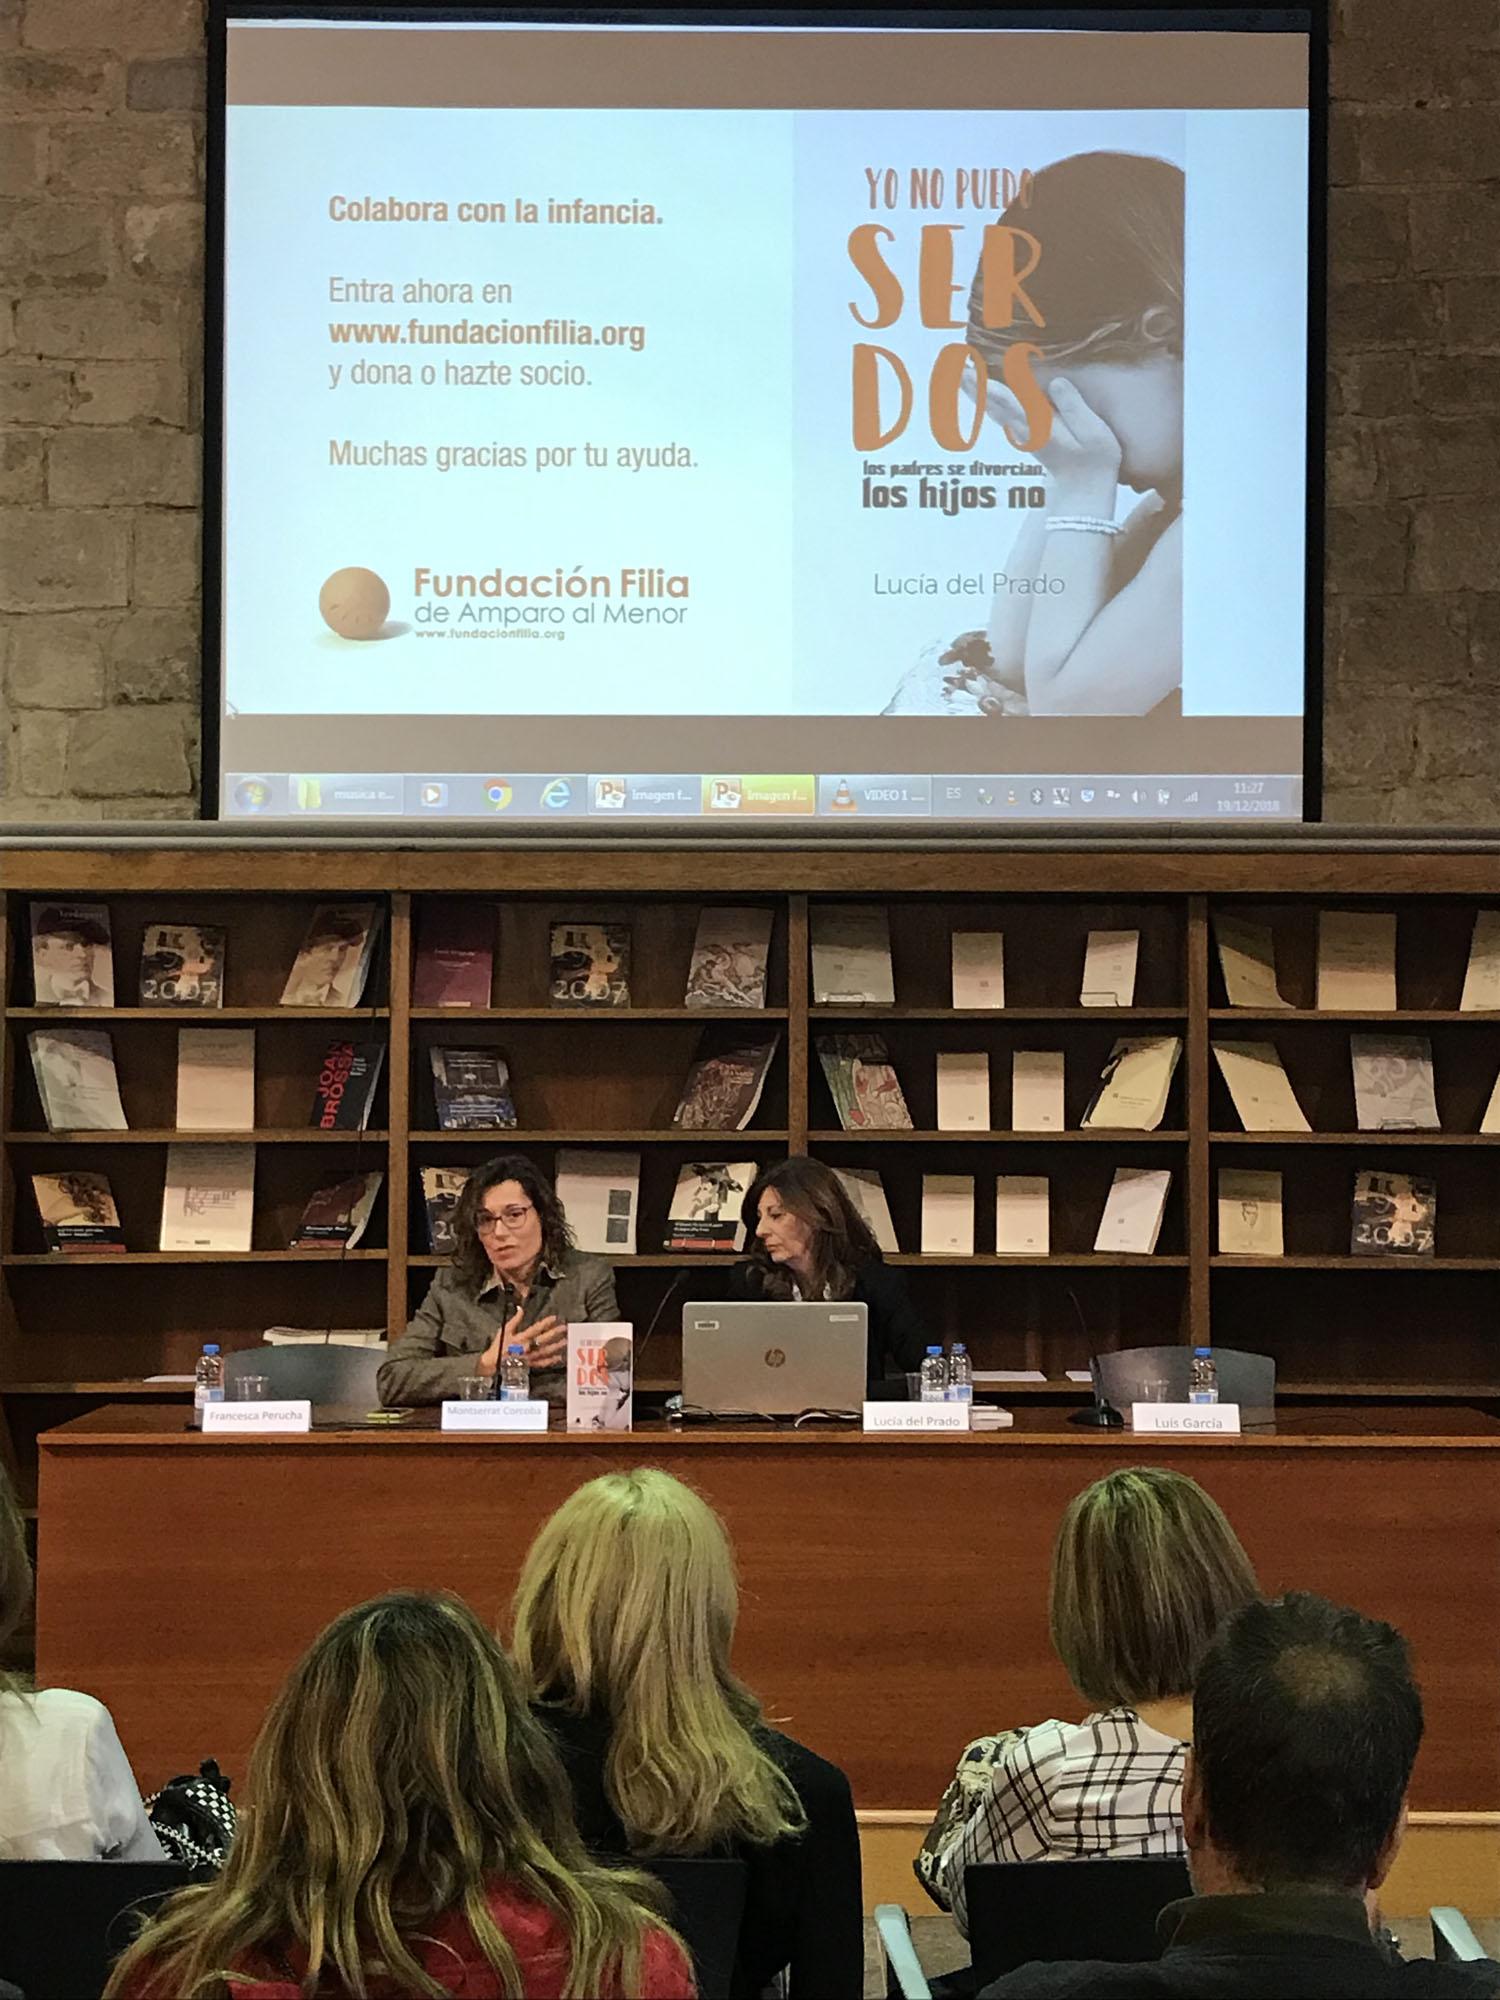 Montserrat Corcoba y Lucia del Prado en la presentación del libro NO PUEDO SER DOS